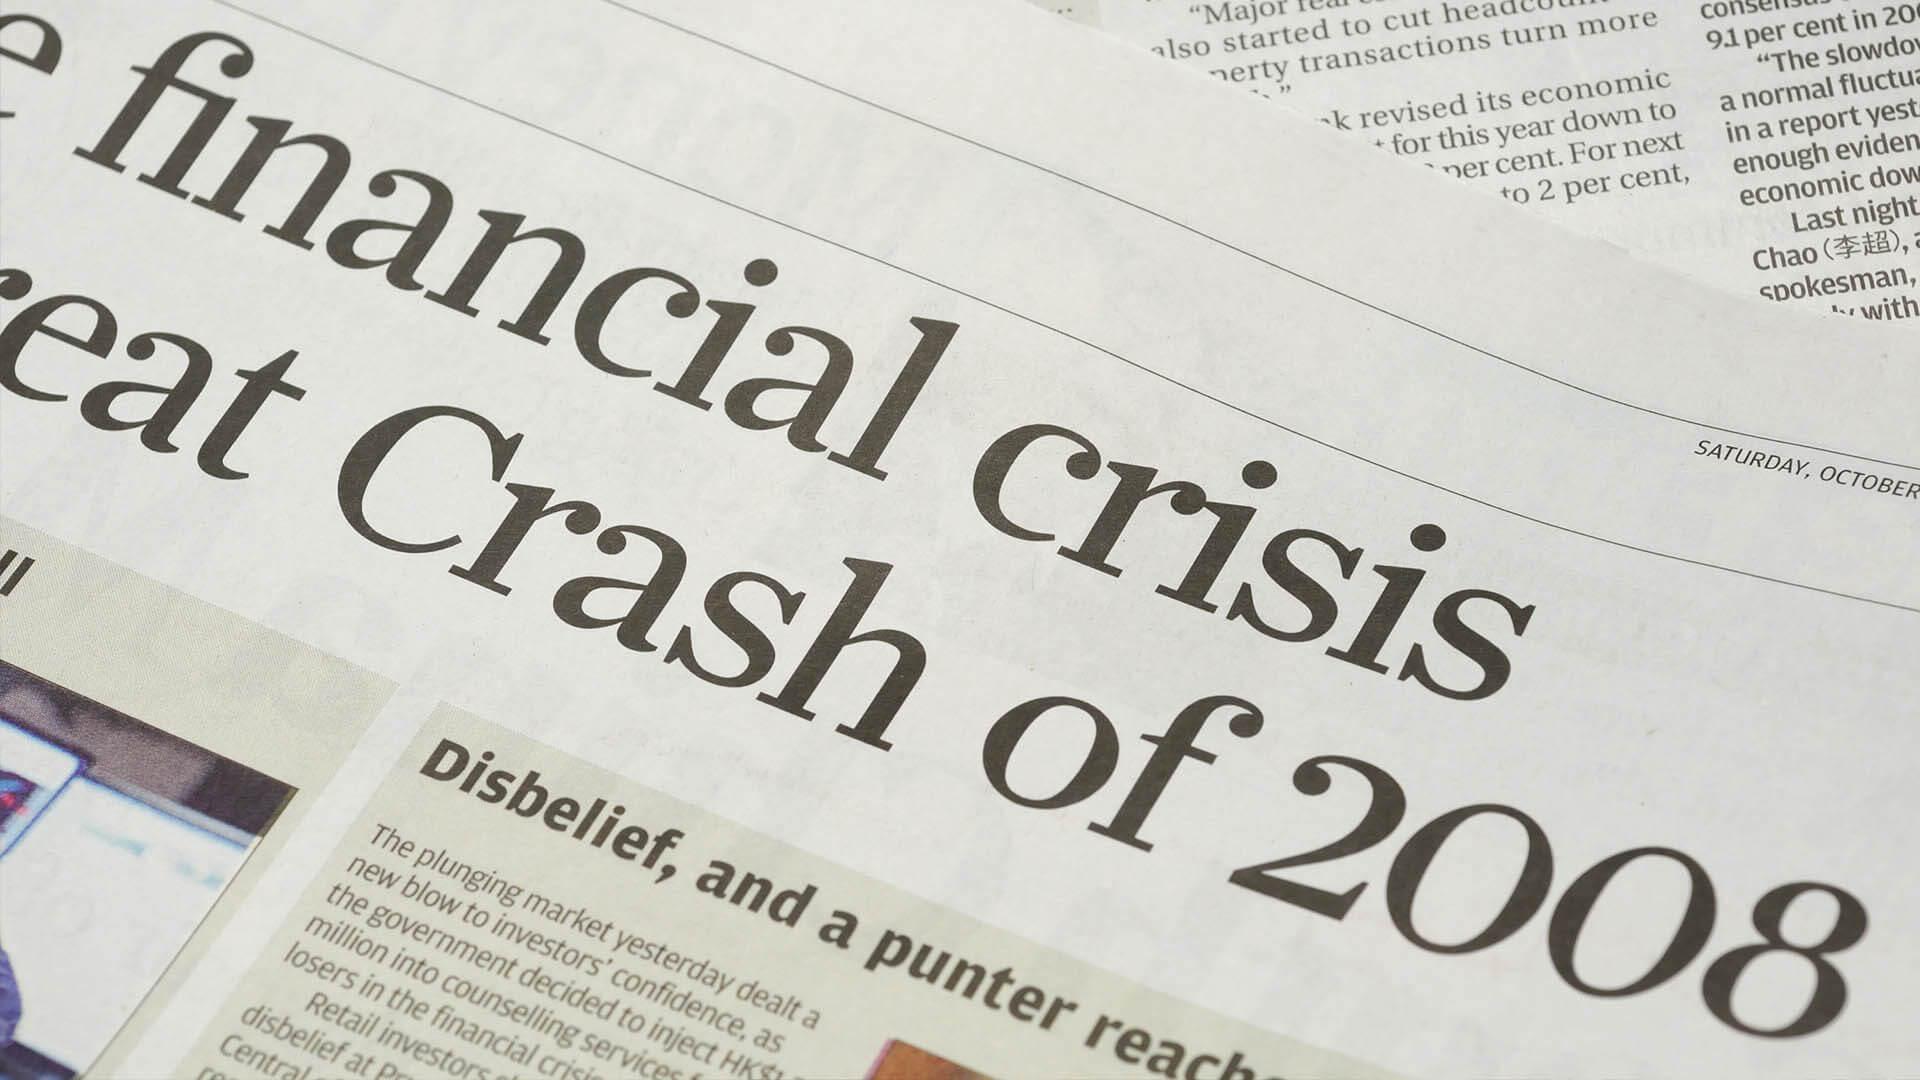 การลงทุนช่วงวิกฤต